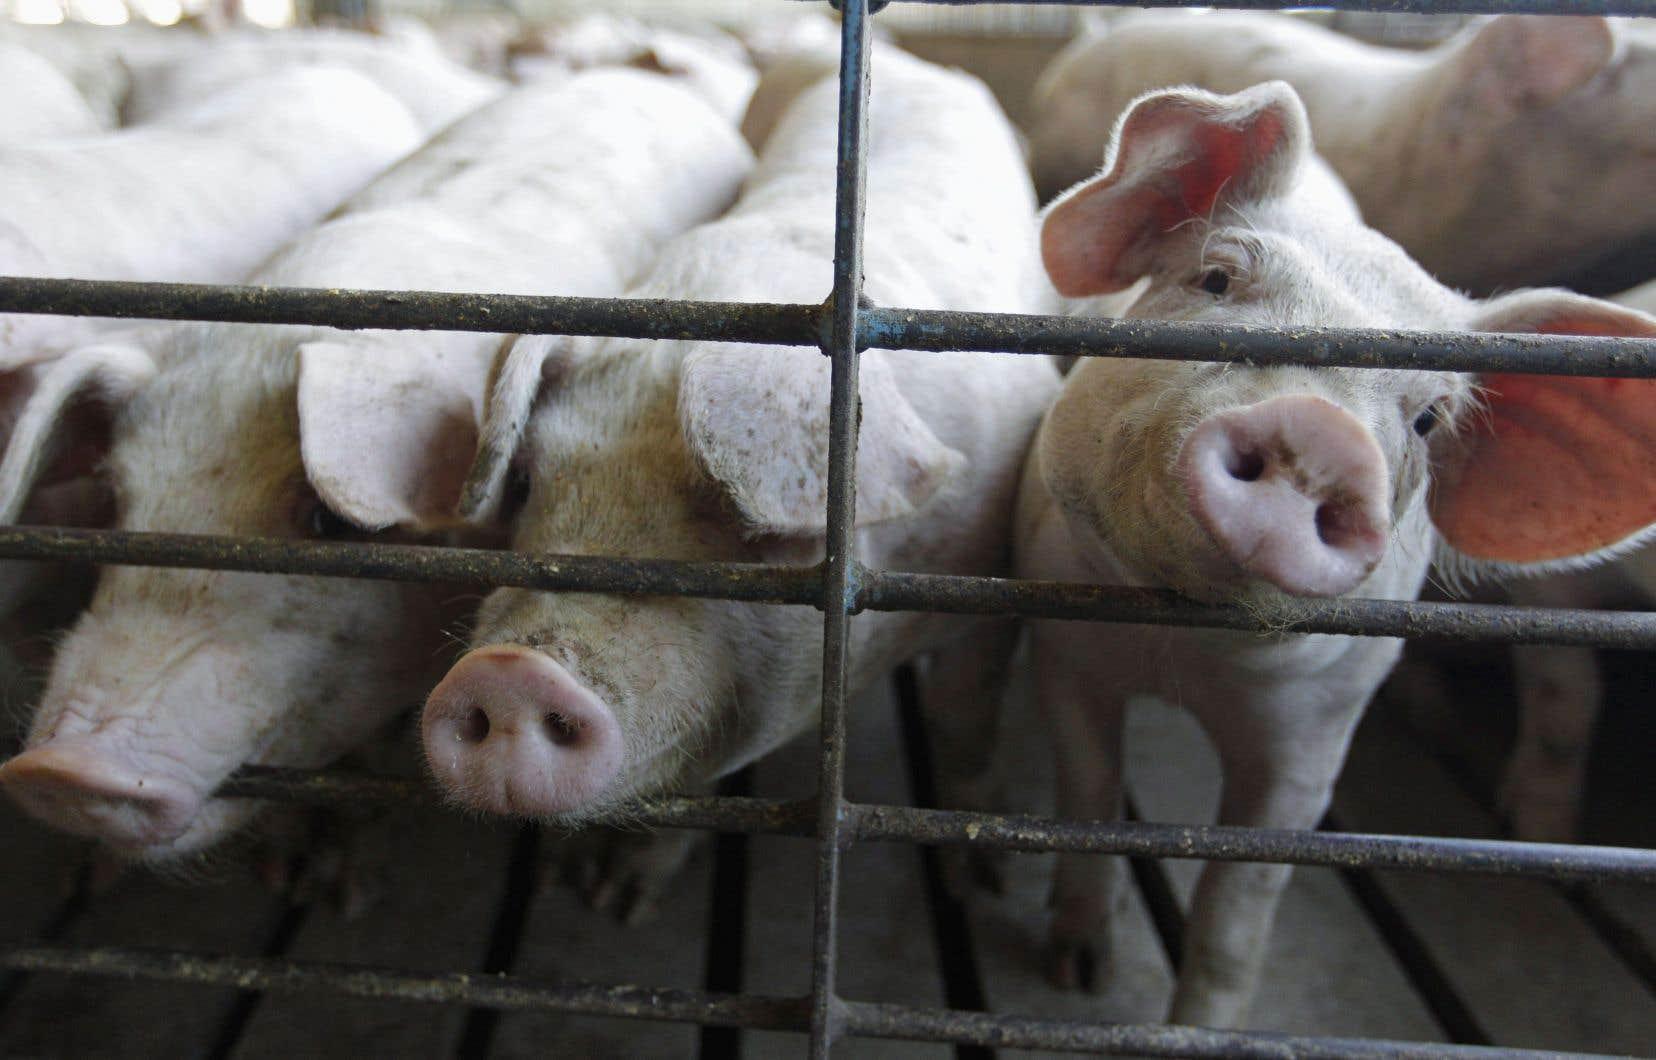 Ottawa fait miroiter une augmentation de 29% des exportations de porc, et de 36%, ou 639millions, au Japon seulement avec le Partenariat transpacifique global et progressiste.